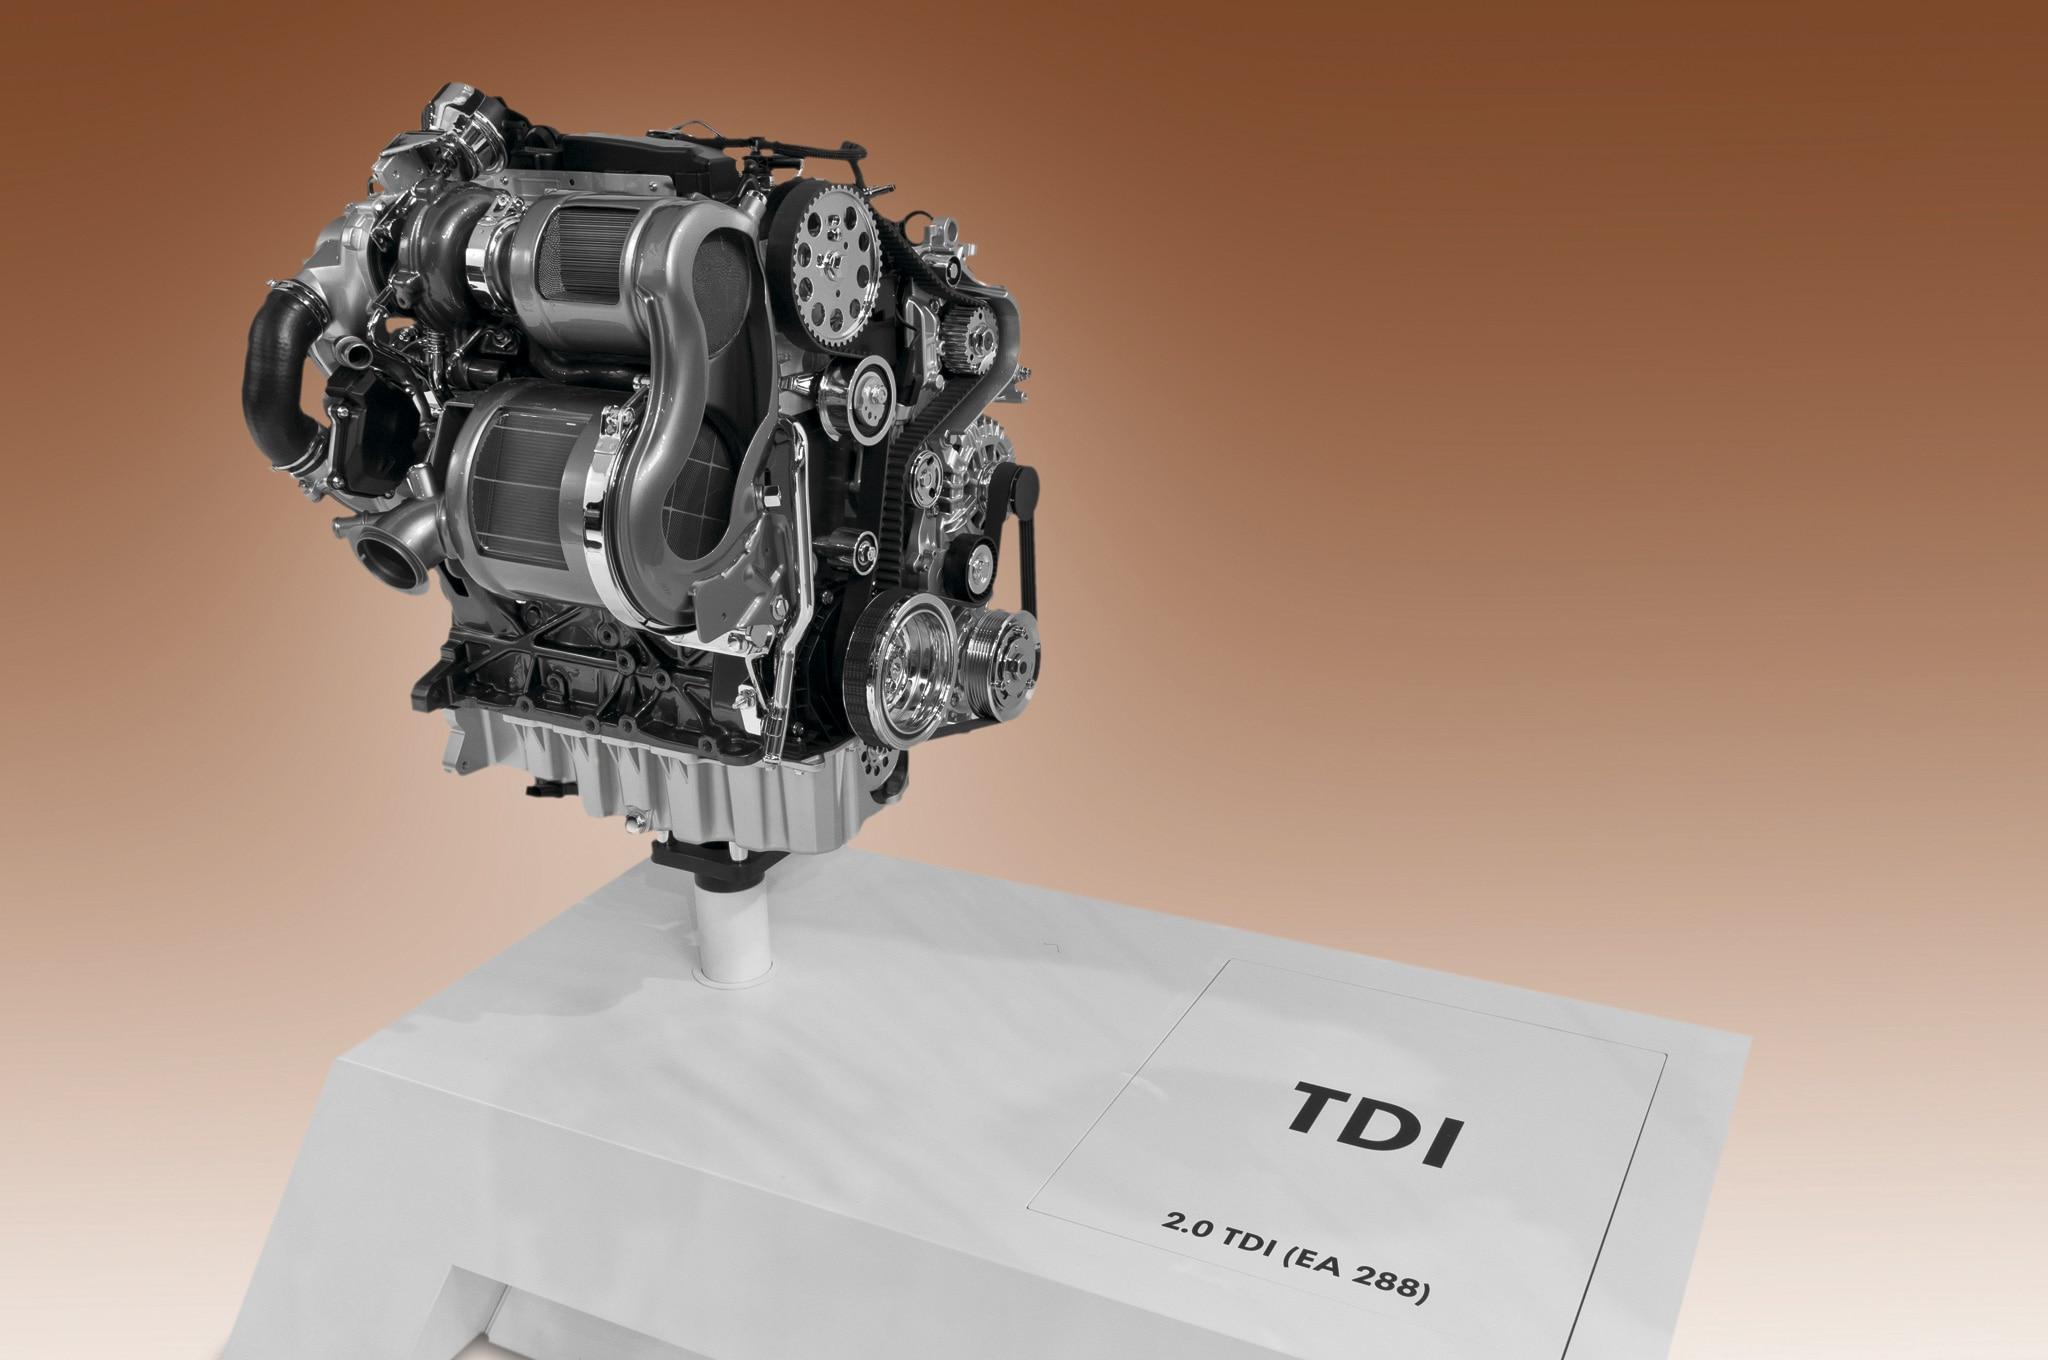 2015 Volkswagen Golf TDI EA288 Diesel Engine